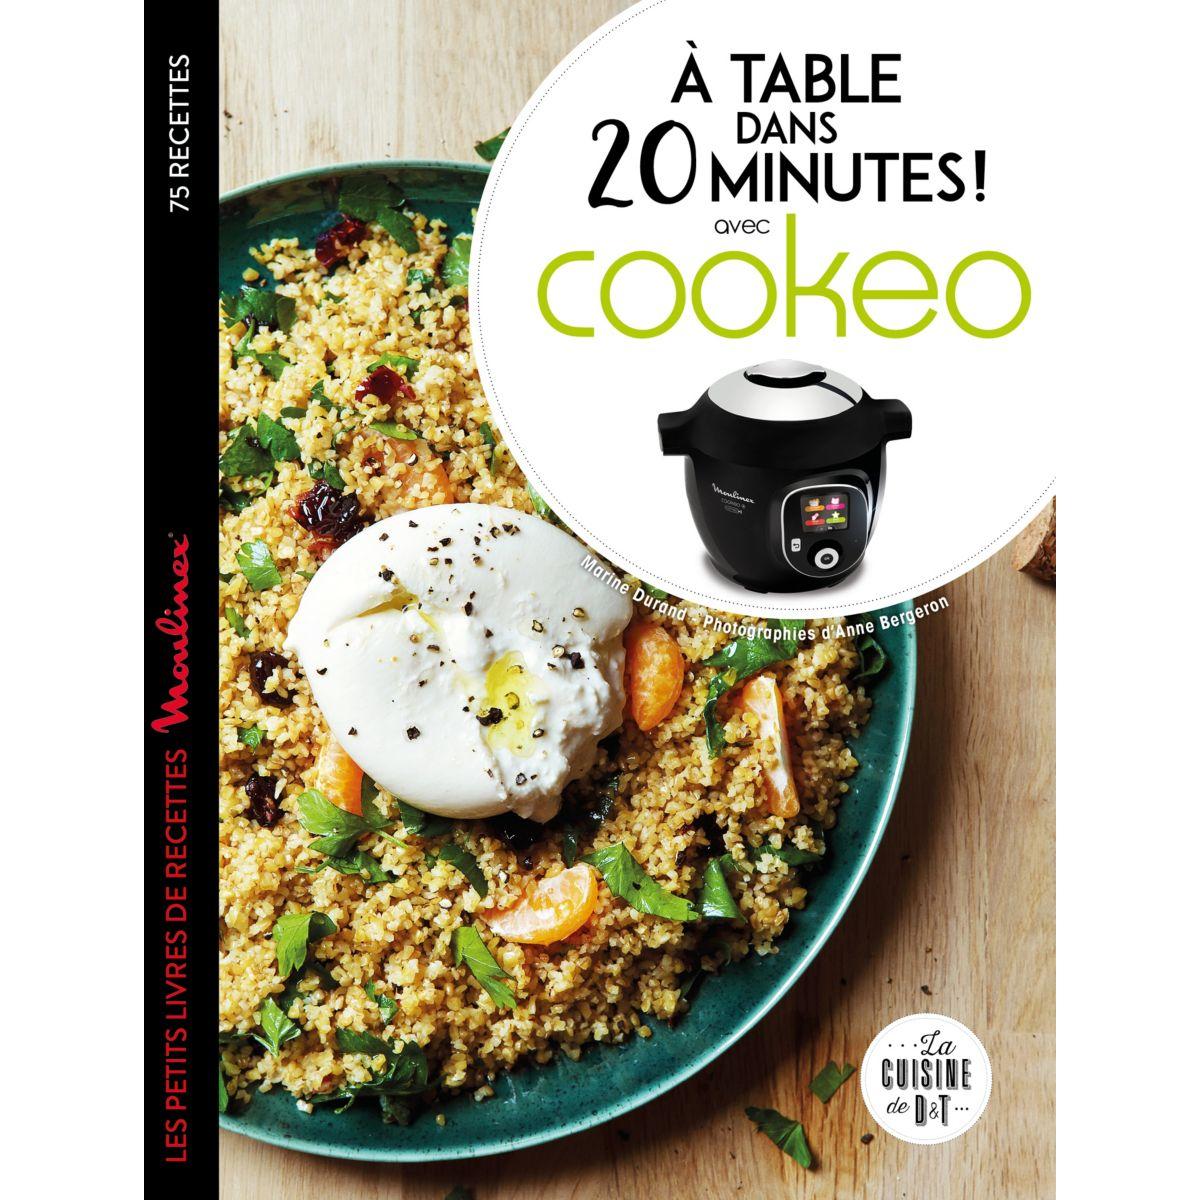 Livre de cuisine LAROUSSE Cookeo A table dans 20 minutes